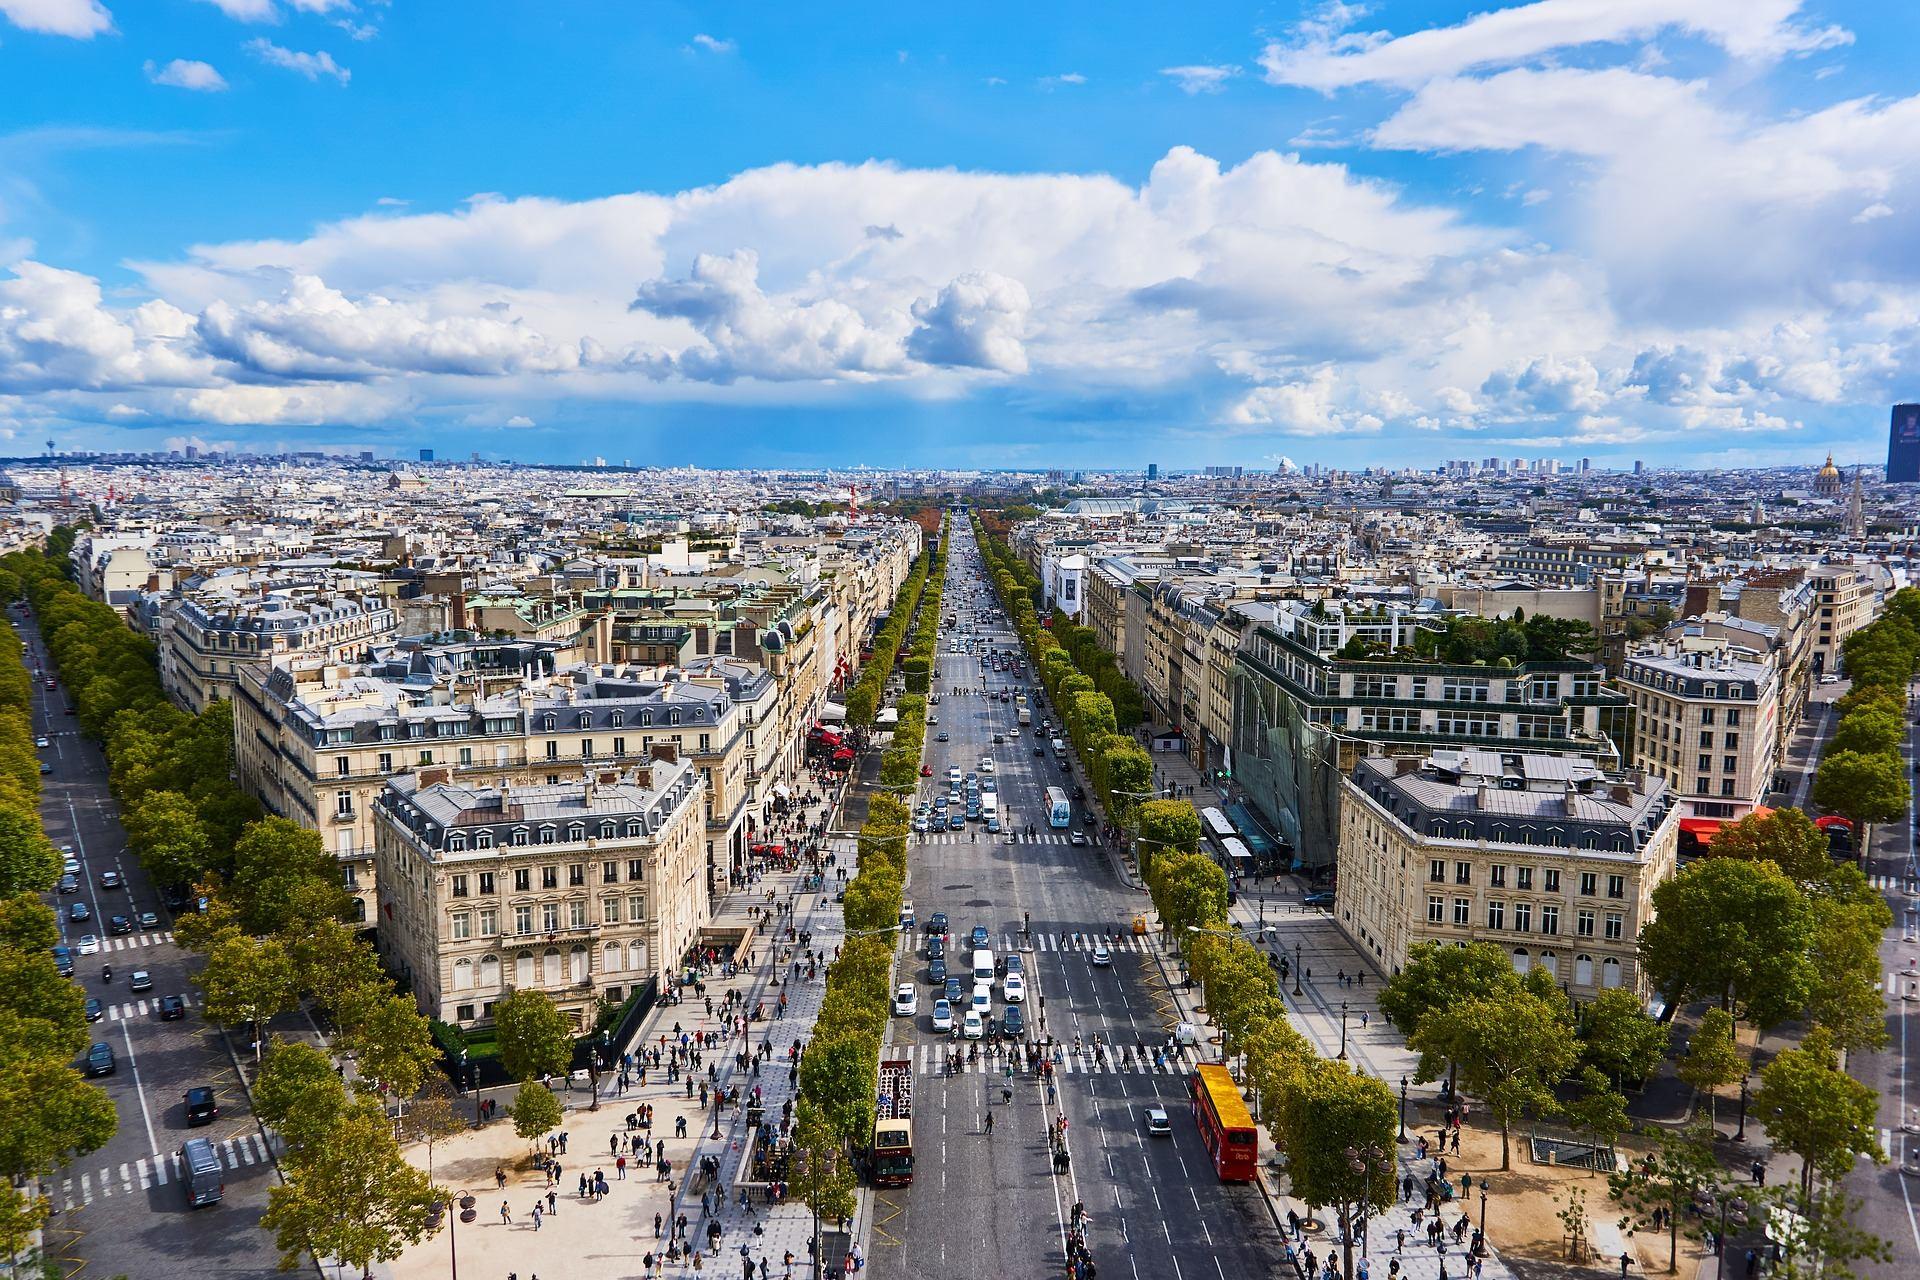 Auta a turisté na Champs-Elyseés museli v neděli večer uvolnit místo fotbalové horečce. Francouzský tým získal titul mistrů světa a dnes ho triumfálně přiveze do Paříže.